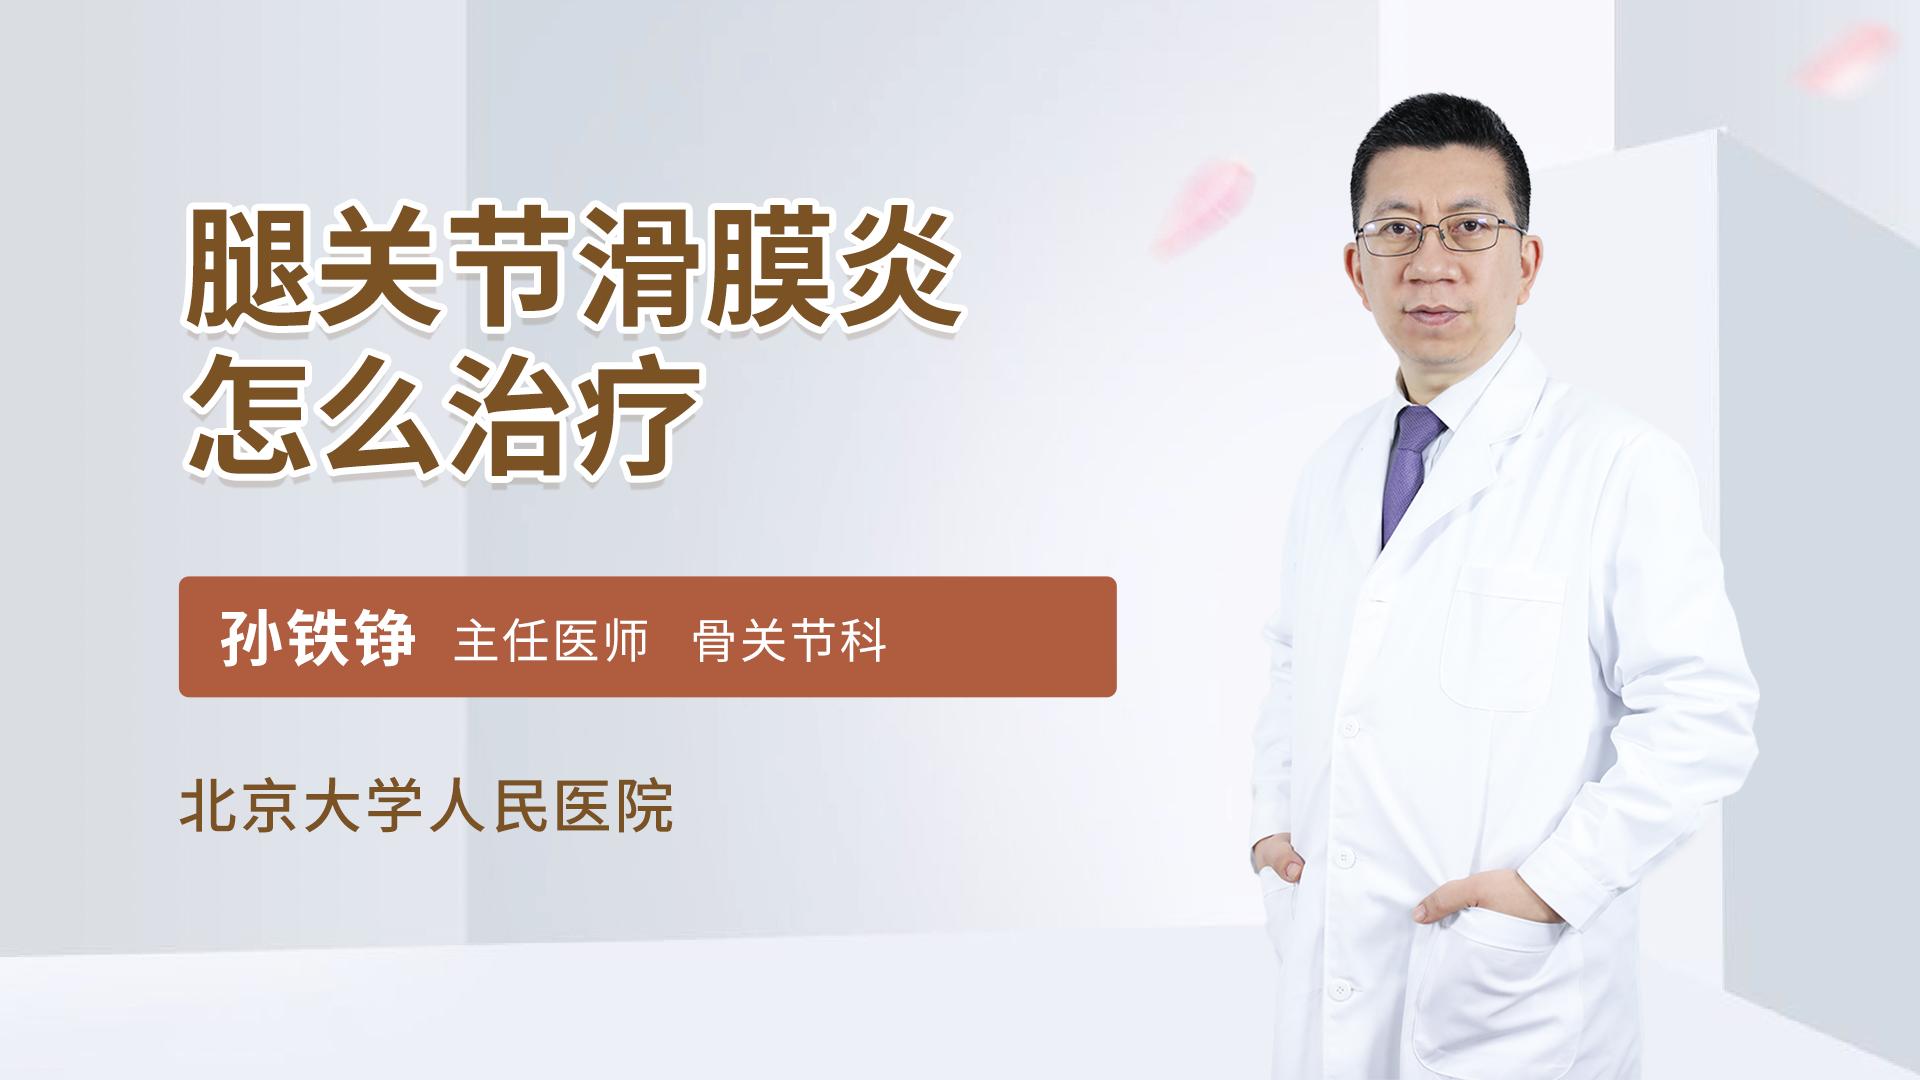 腿关节滑膜炎怎么治疗